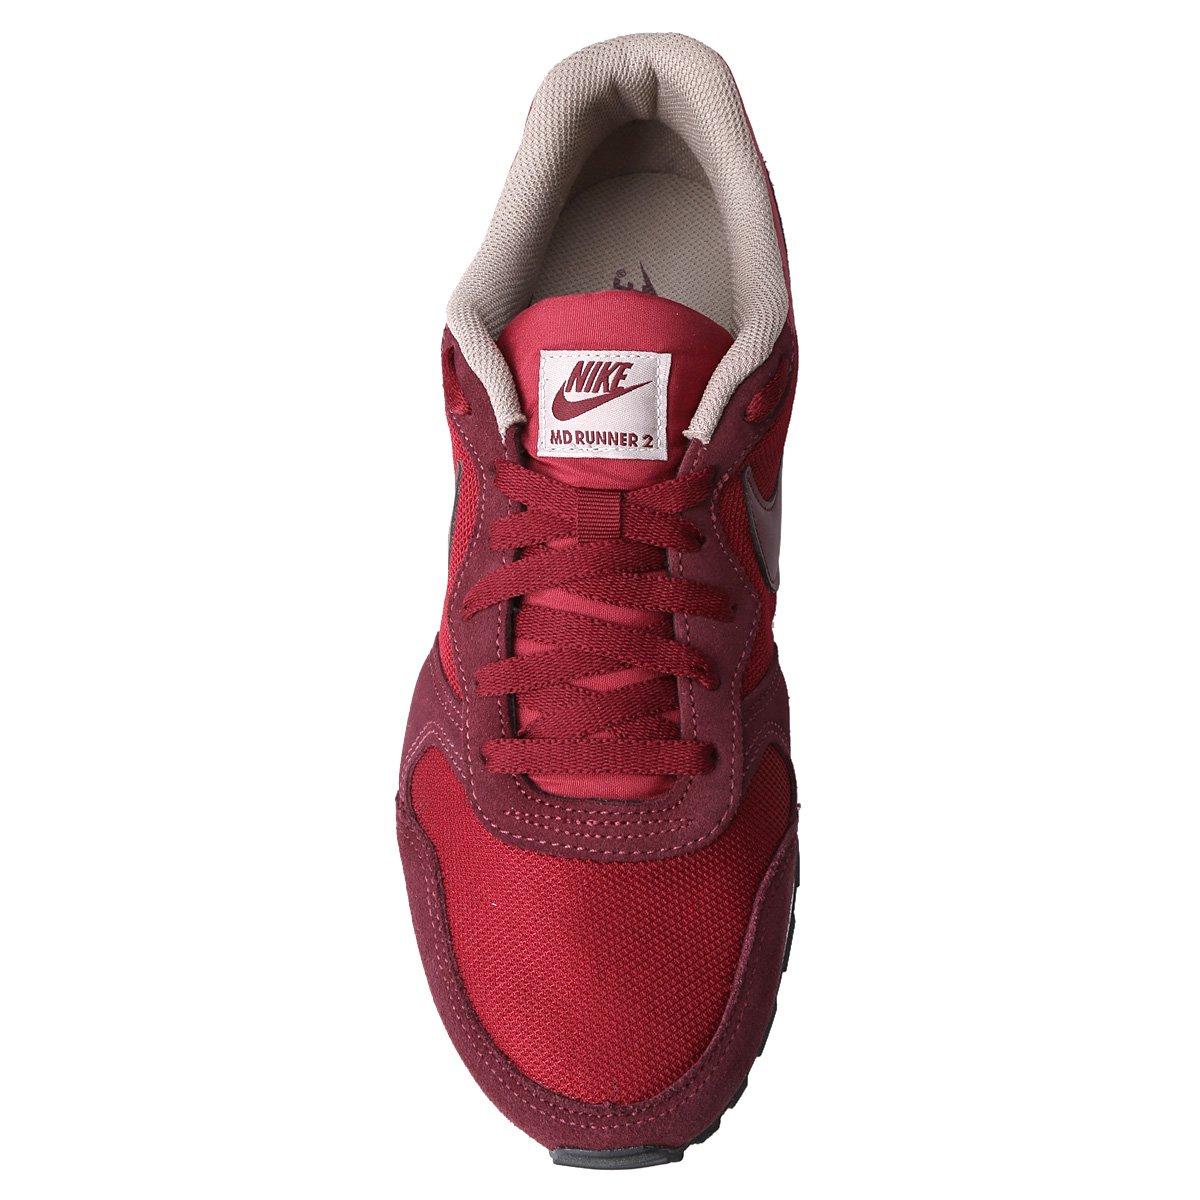 Tênis Nike Md Runner 2 Masculino - Vermelho e Vinho - Compre Agora ... 5603cee84230c